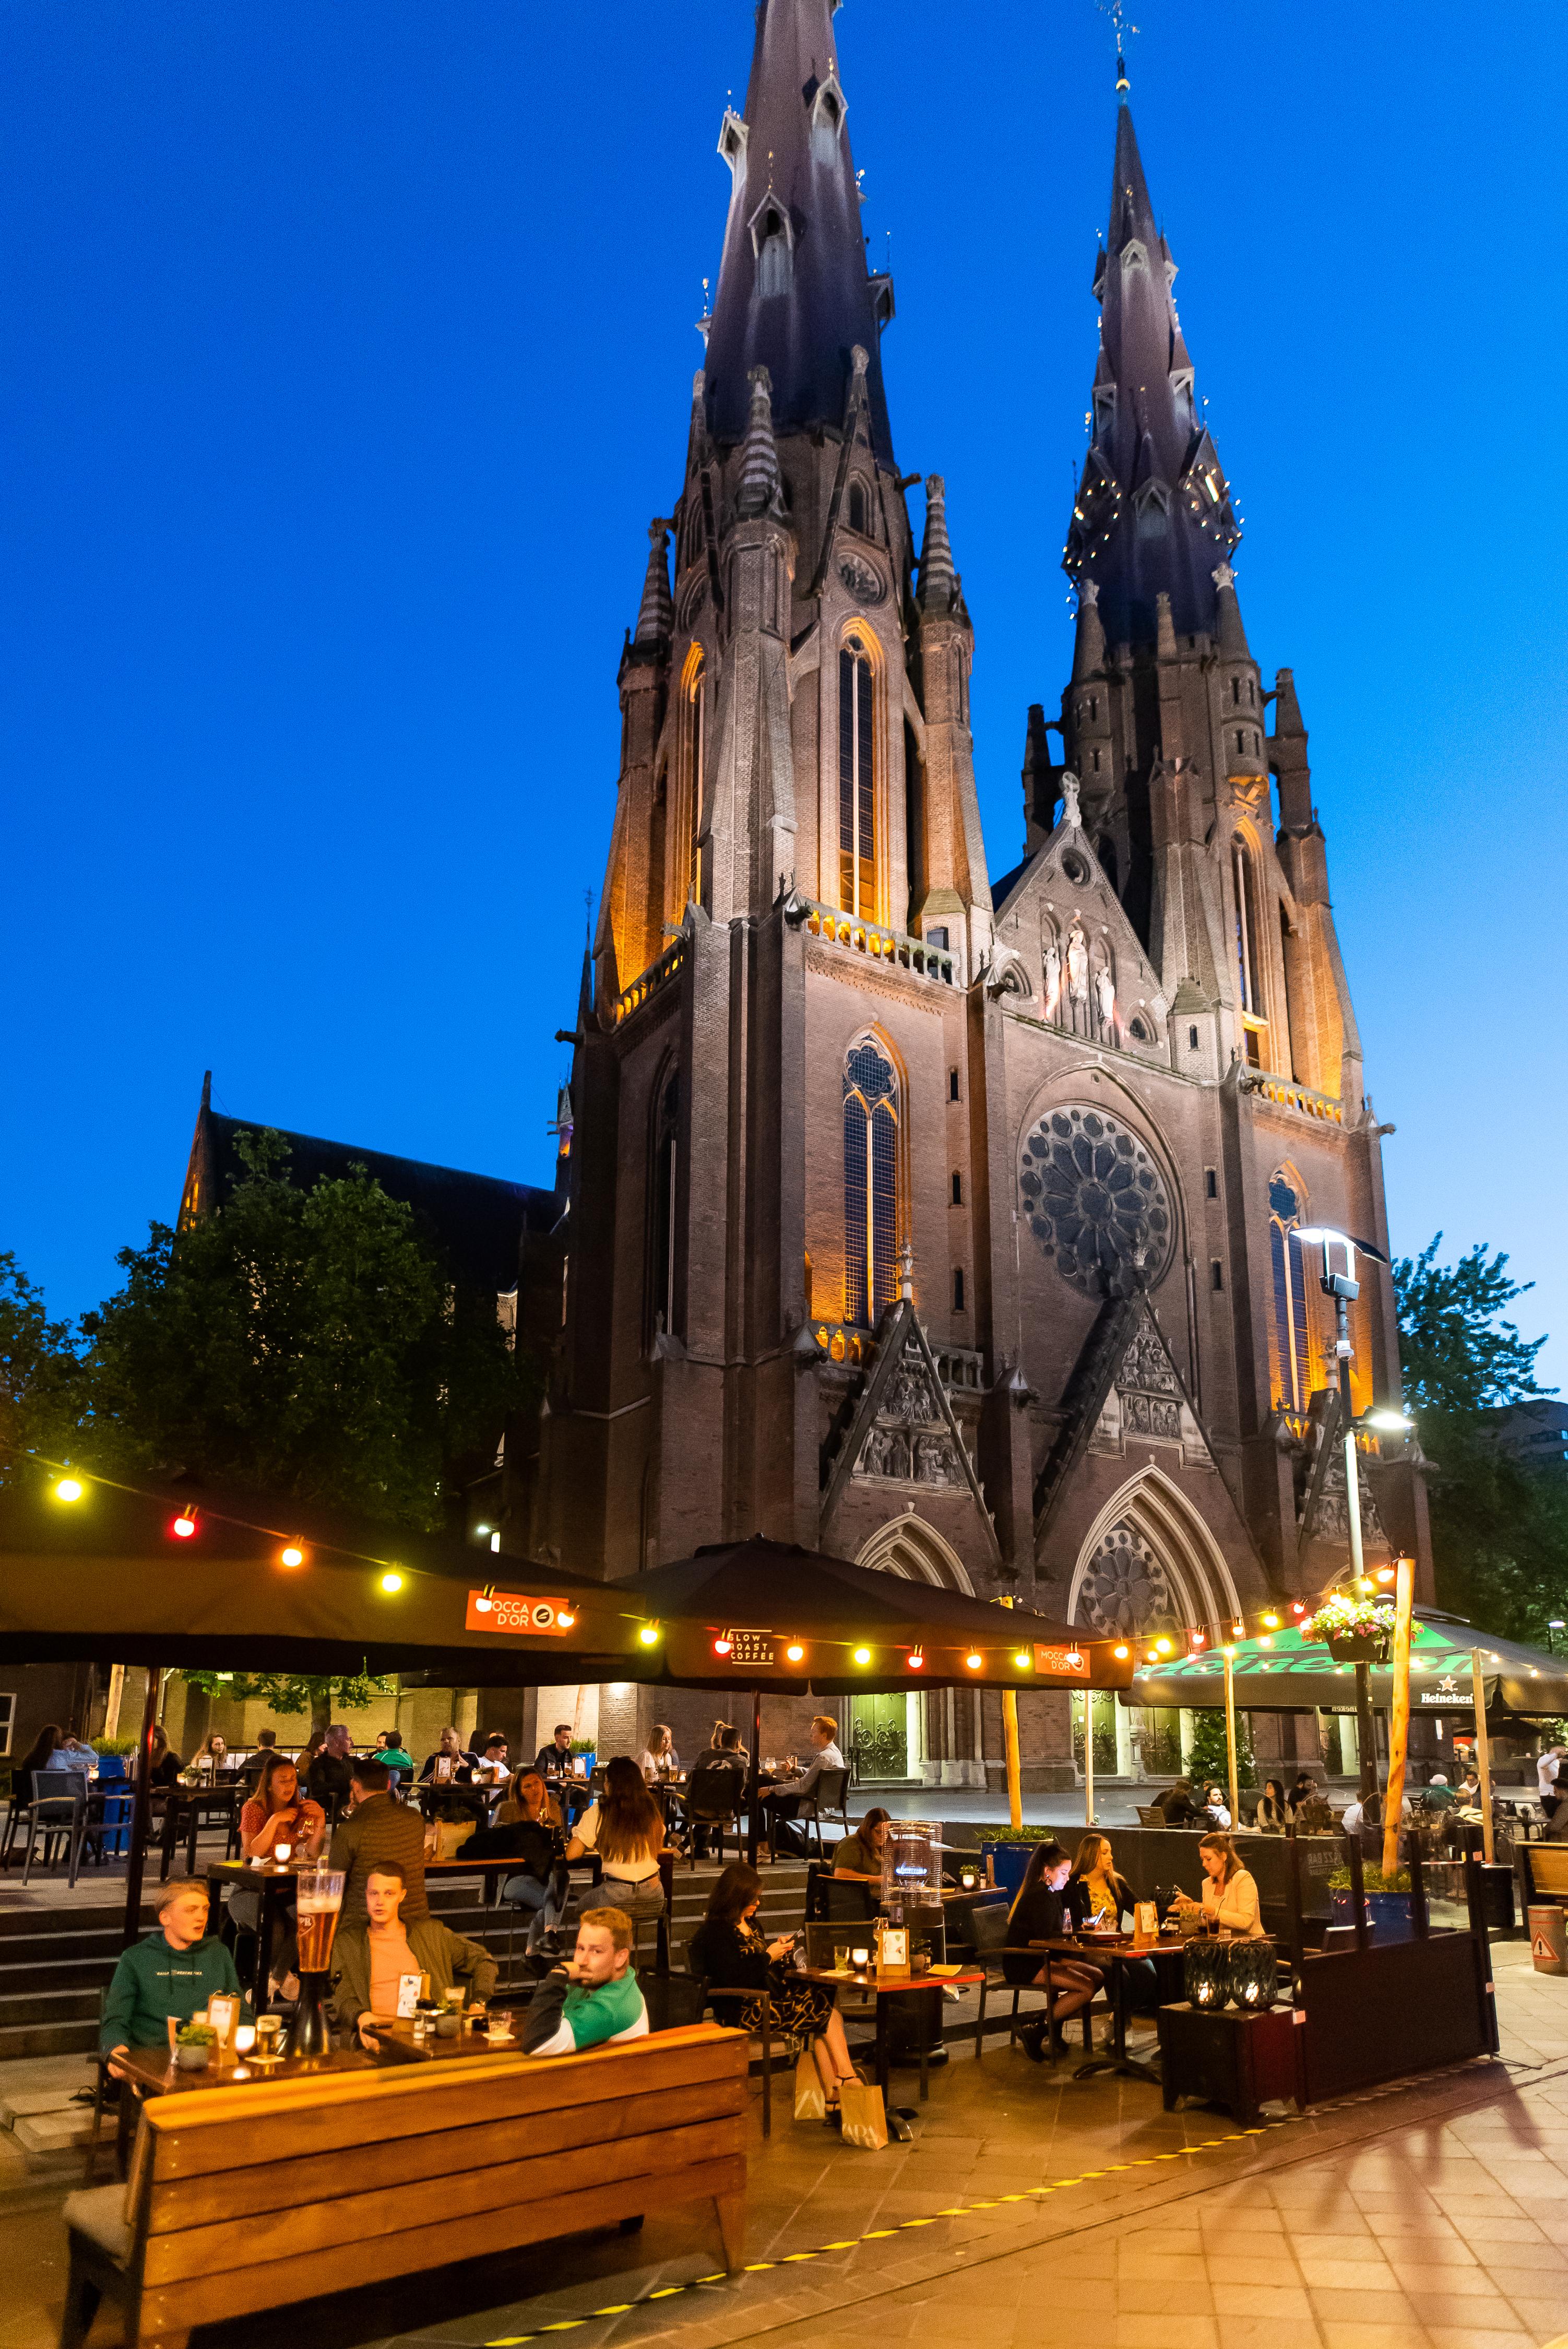 Het coronaproof terras van de cafés Spijker en Thomas bij de Eindhovense Catharinakerk.